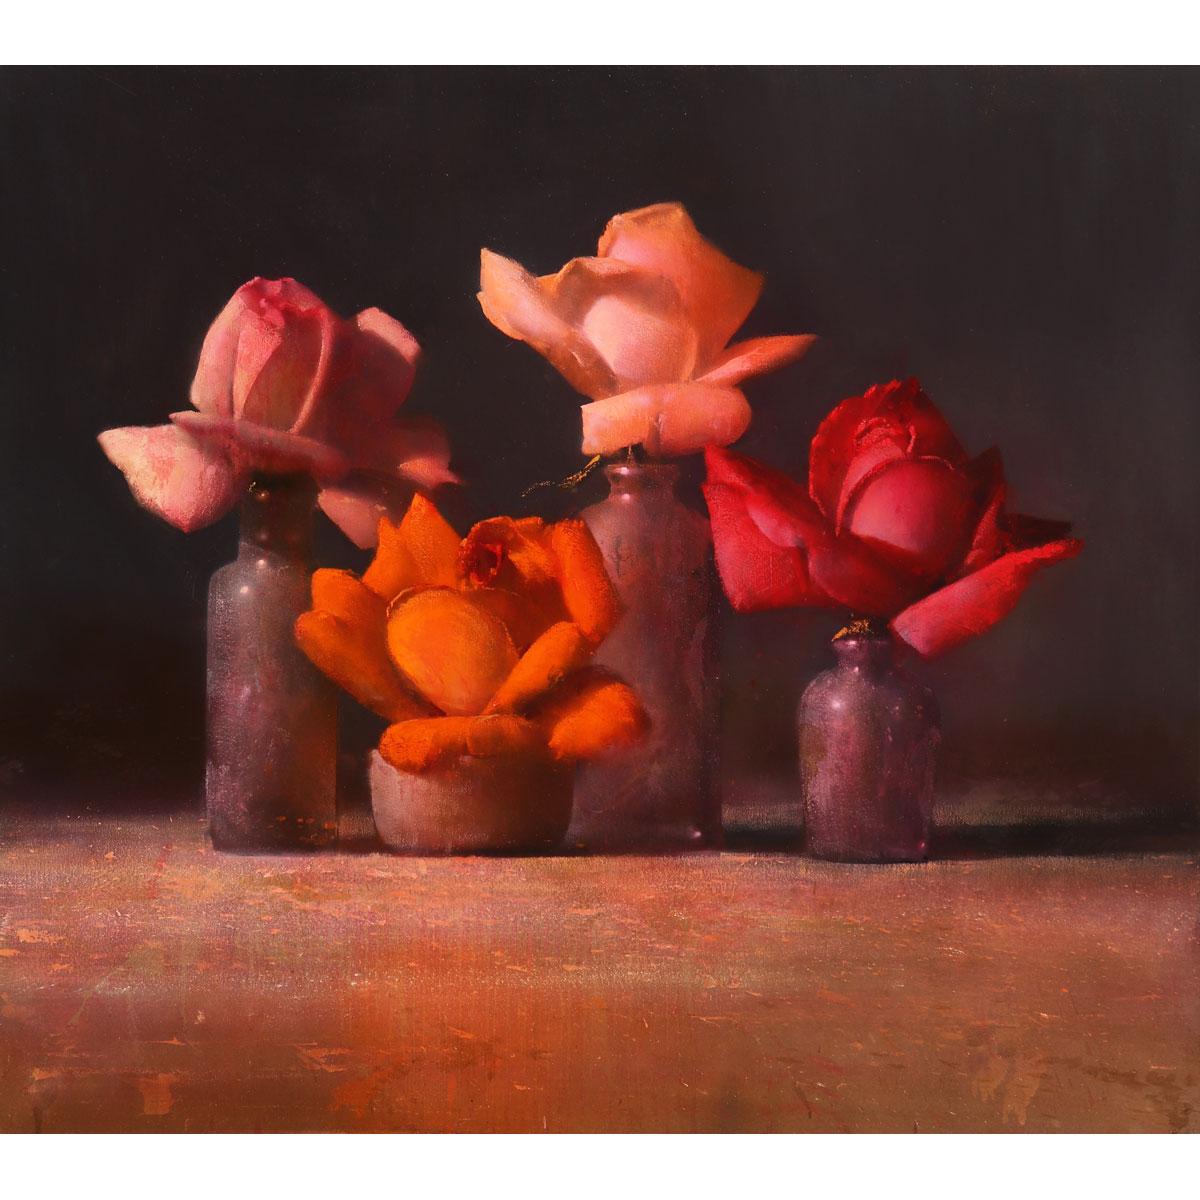 Variations by David Dornan